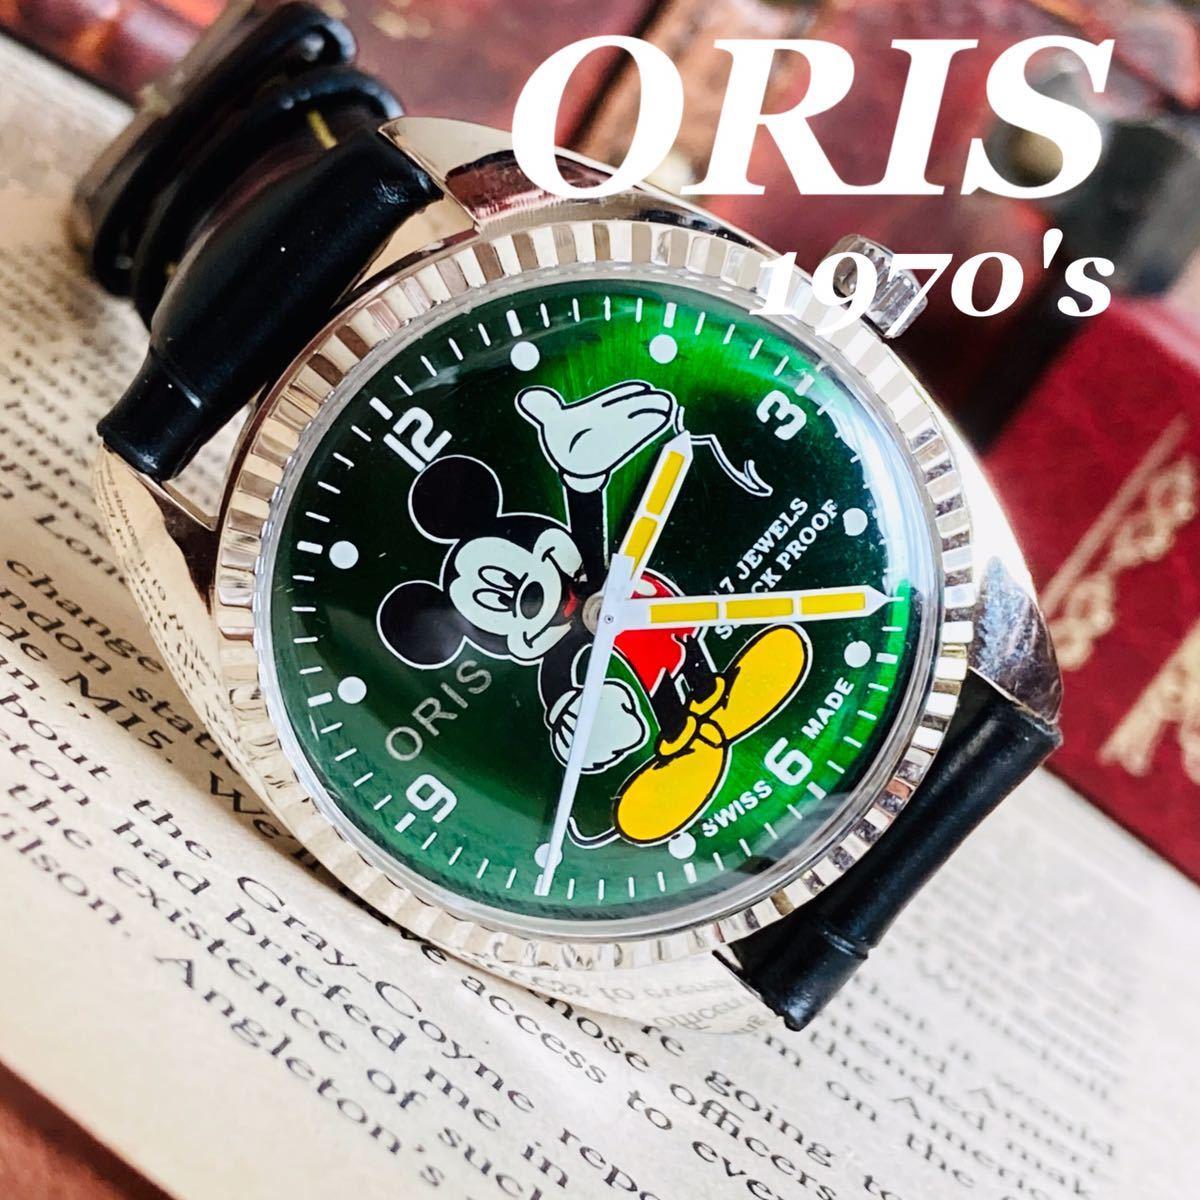 ■カワイイ!ミッキーマウス/オリス/ORIS/手巻きメンズ腕時計/アンティークウォッチ/1970'sビンテージ/35㎜/緑文字盤/OH済/古着女子にも